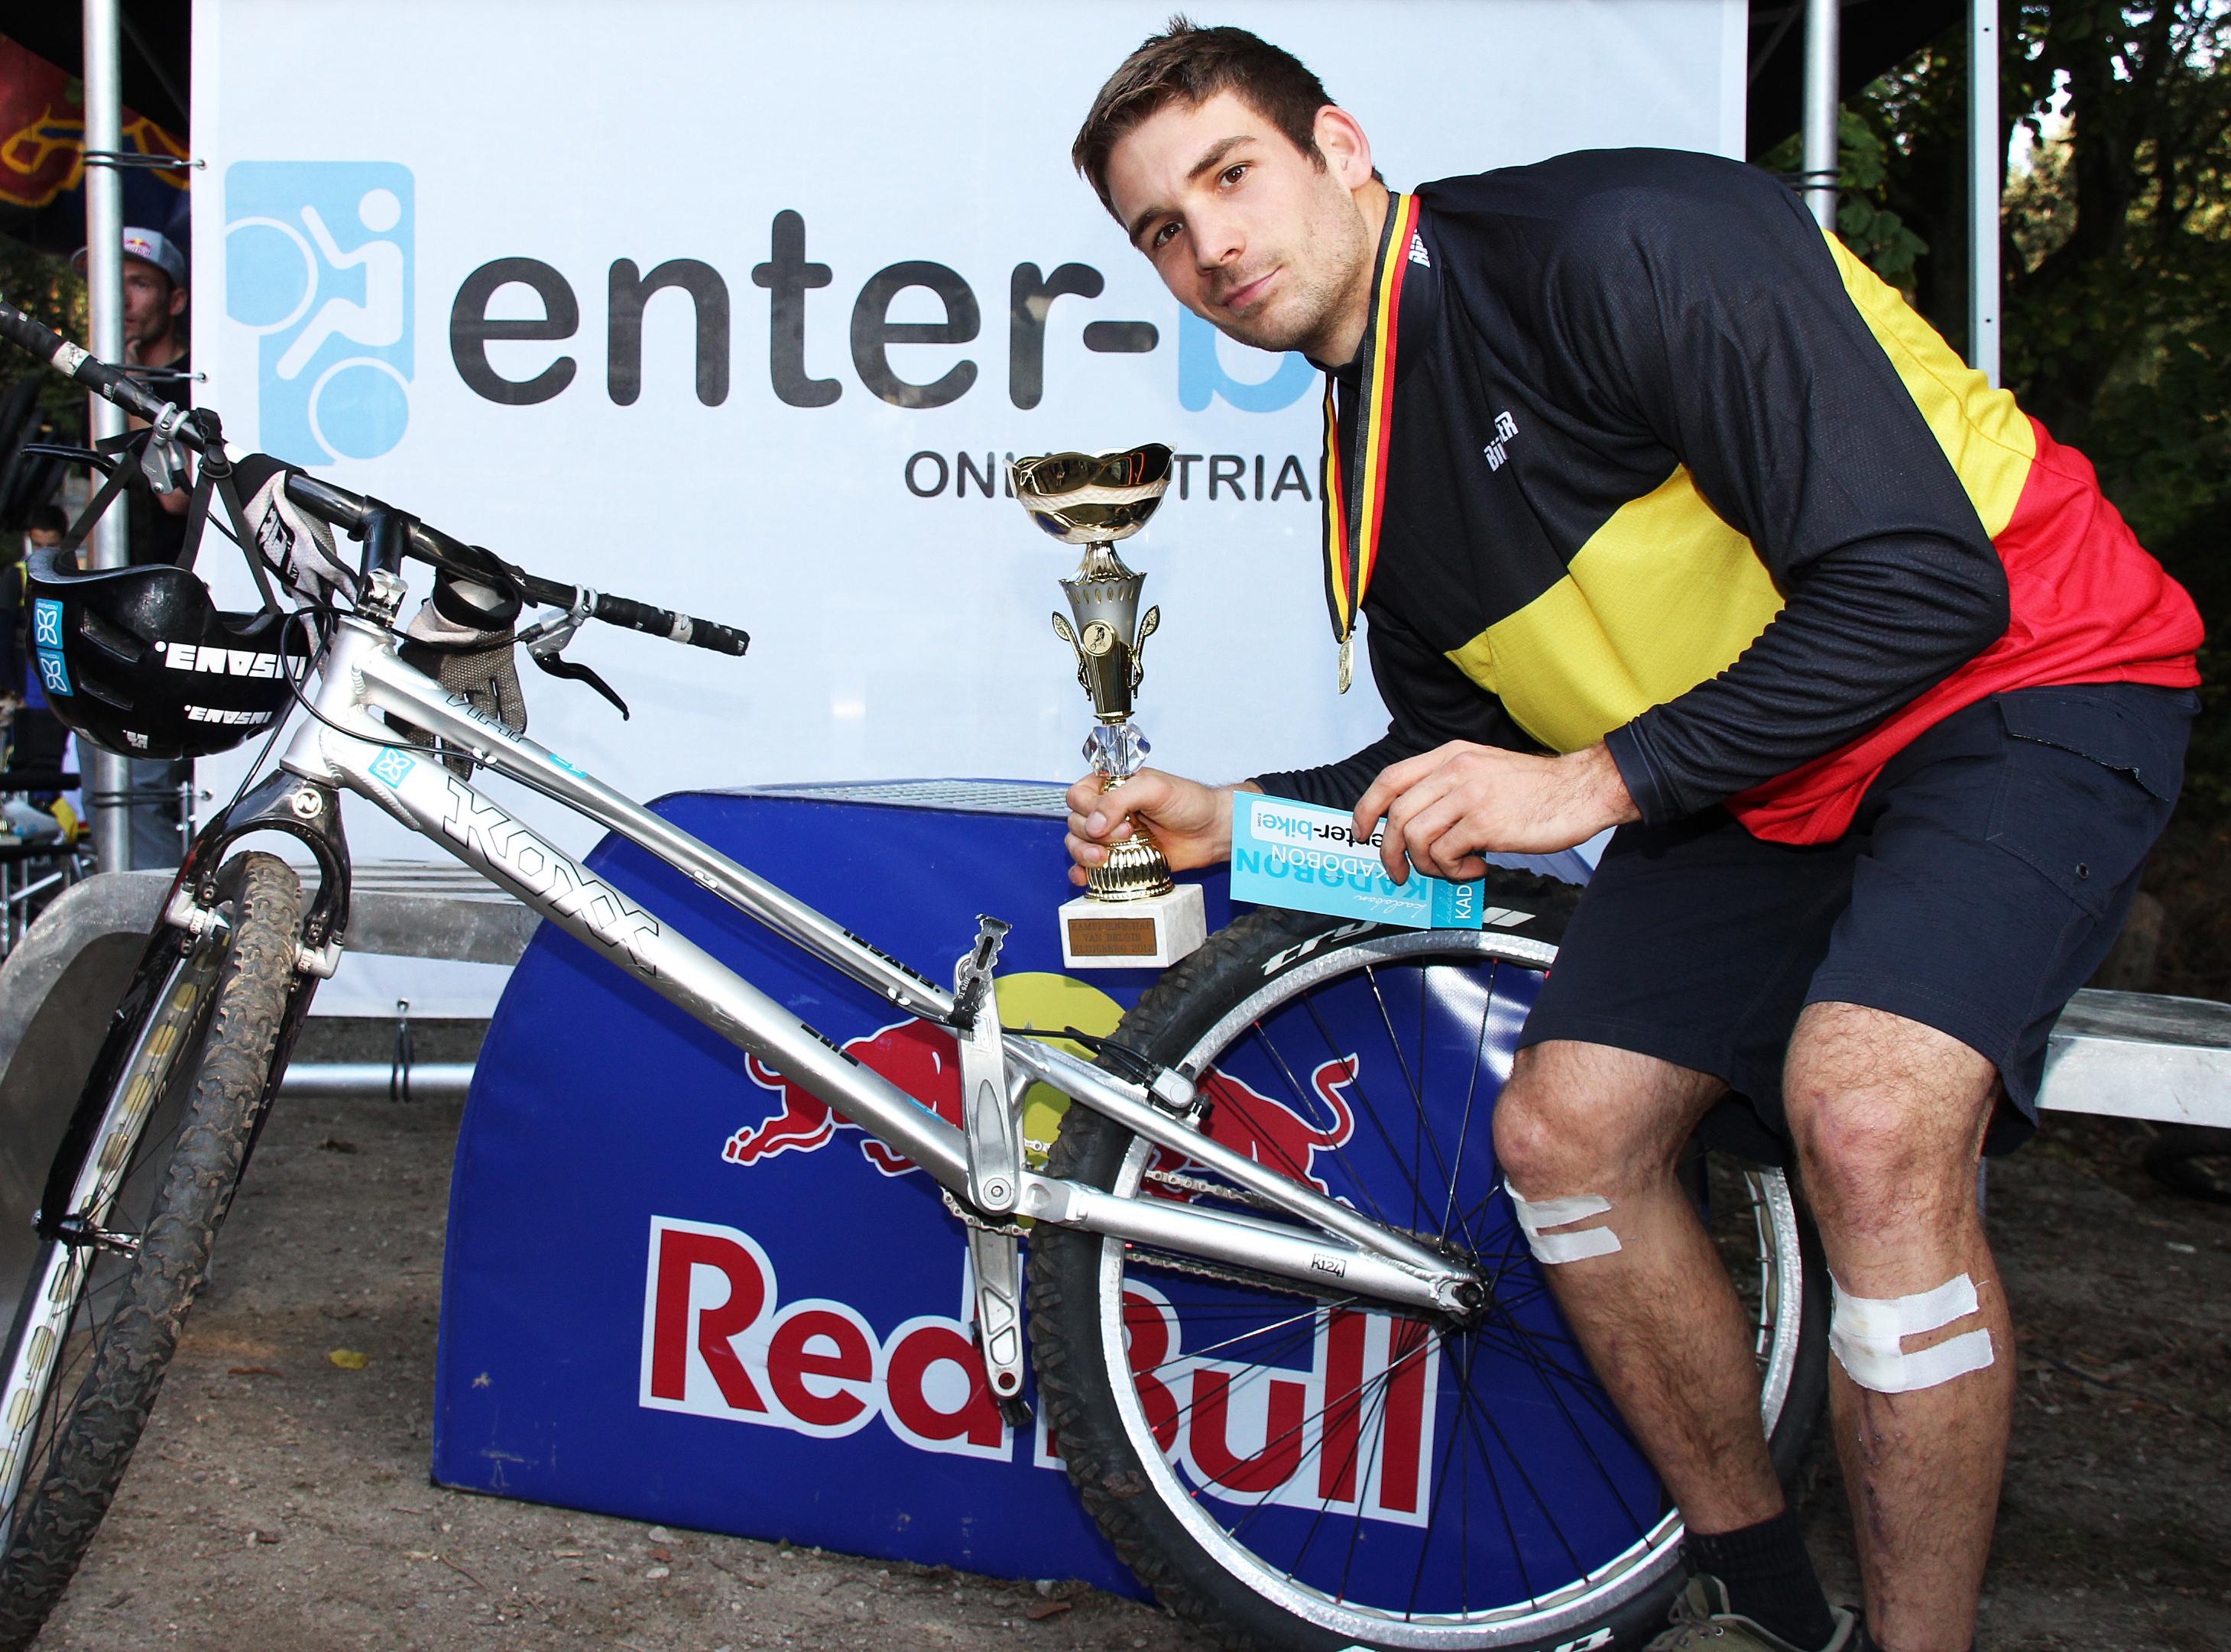 Offroadclinics met Iciar Van den Bergh in Sven Nys Cycling center in Baal